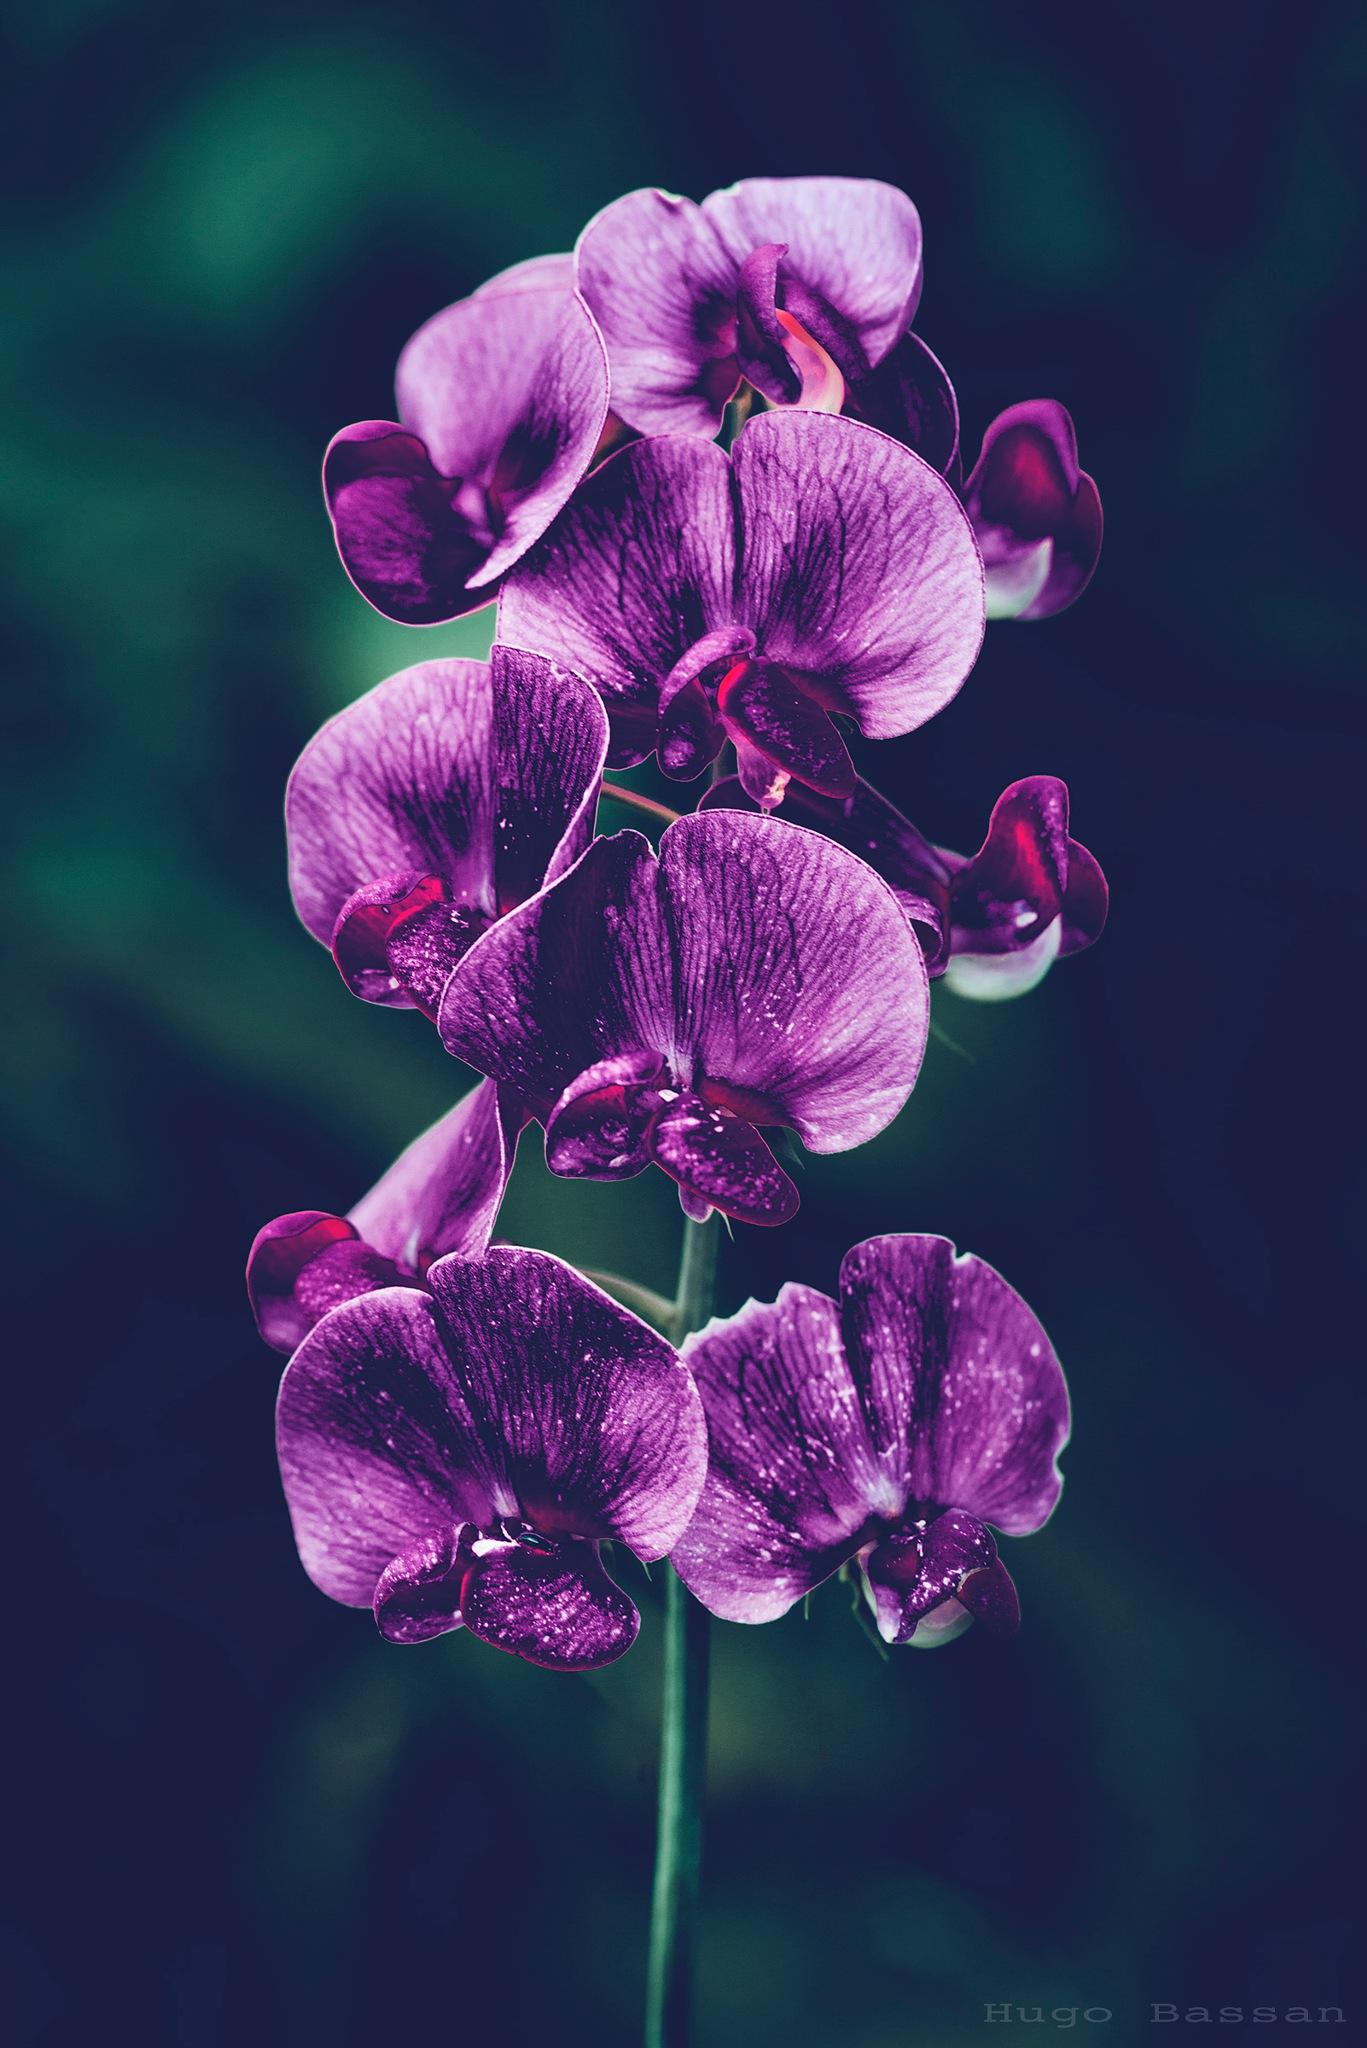 Dark Flower by Hugo Bassan